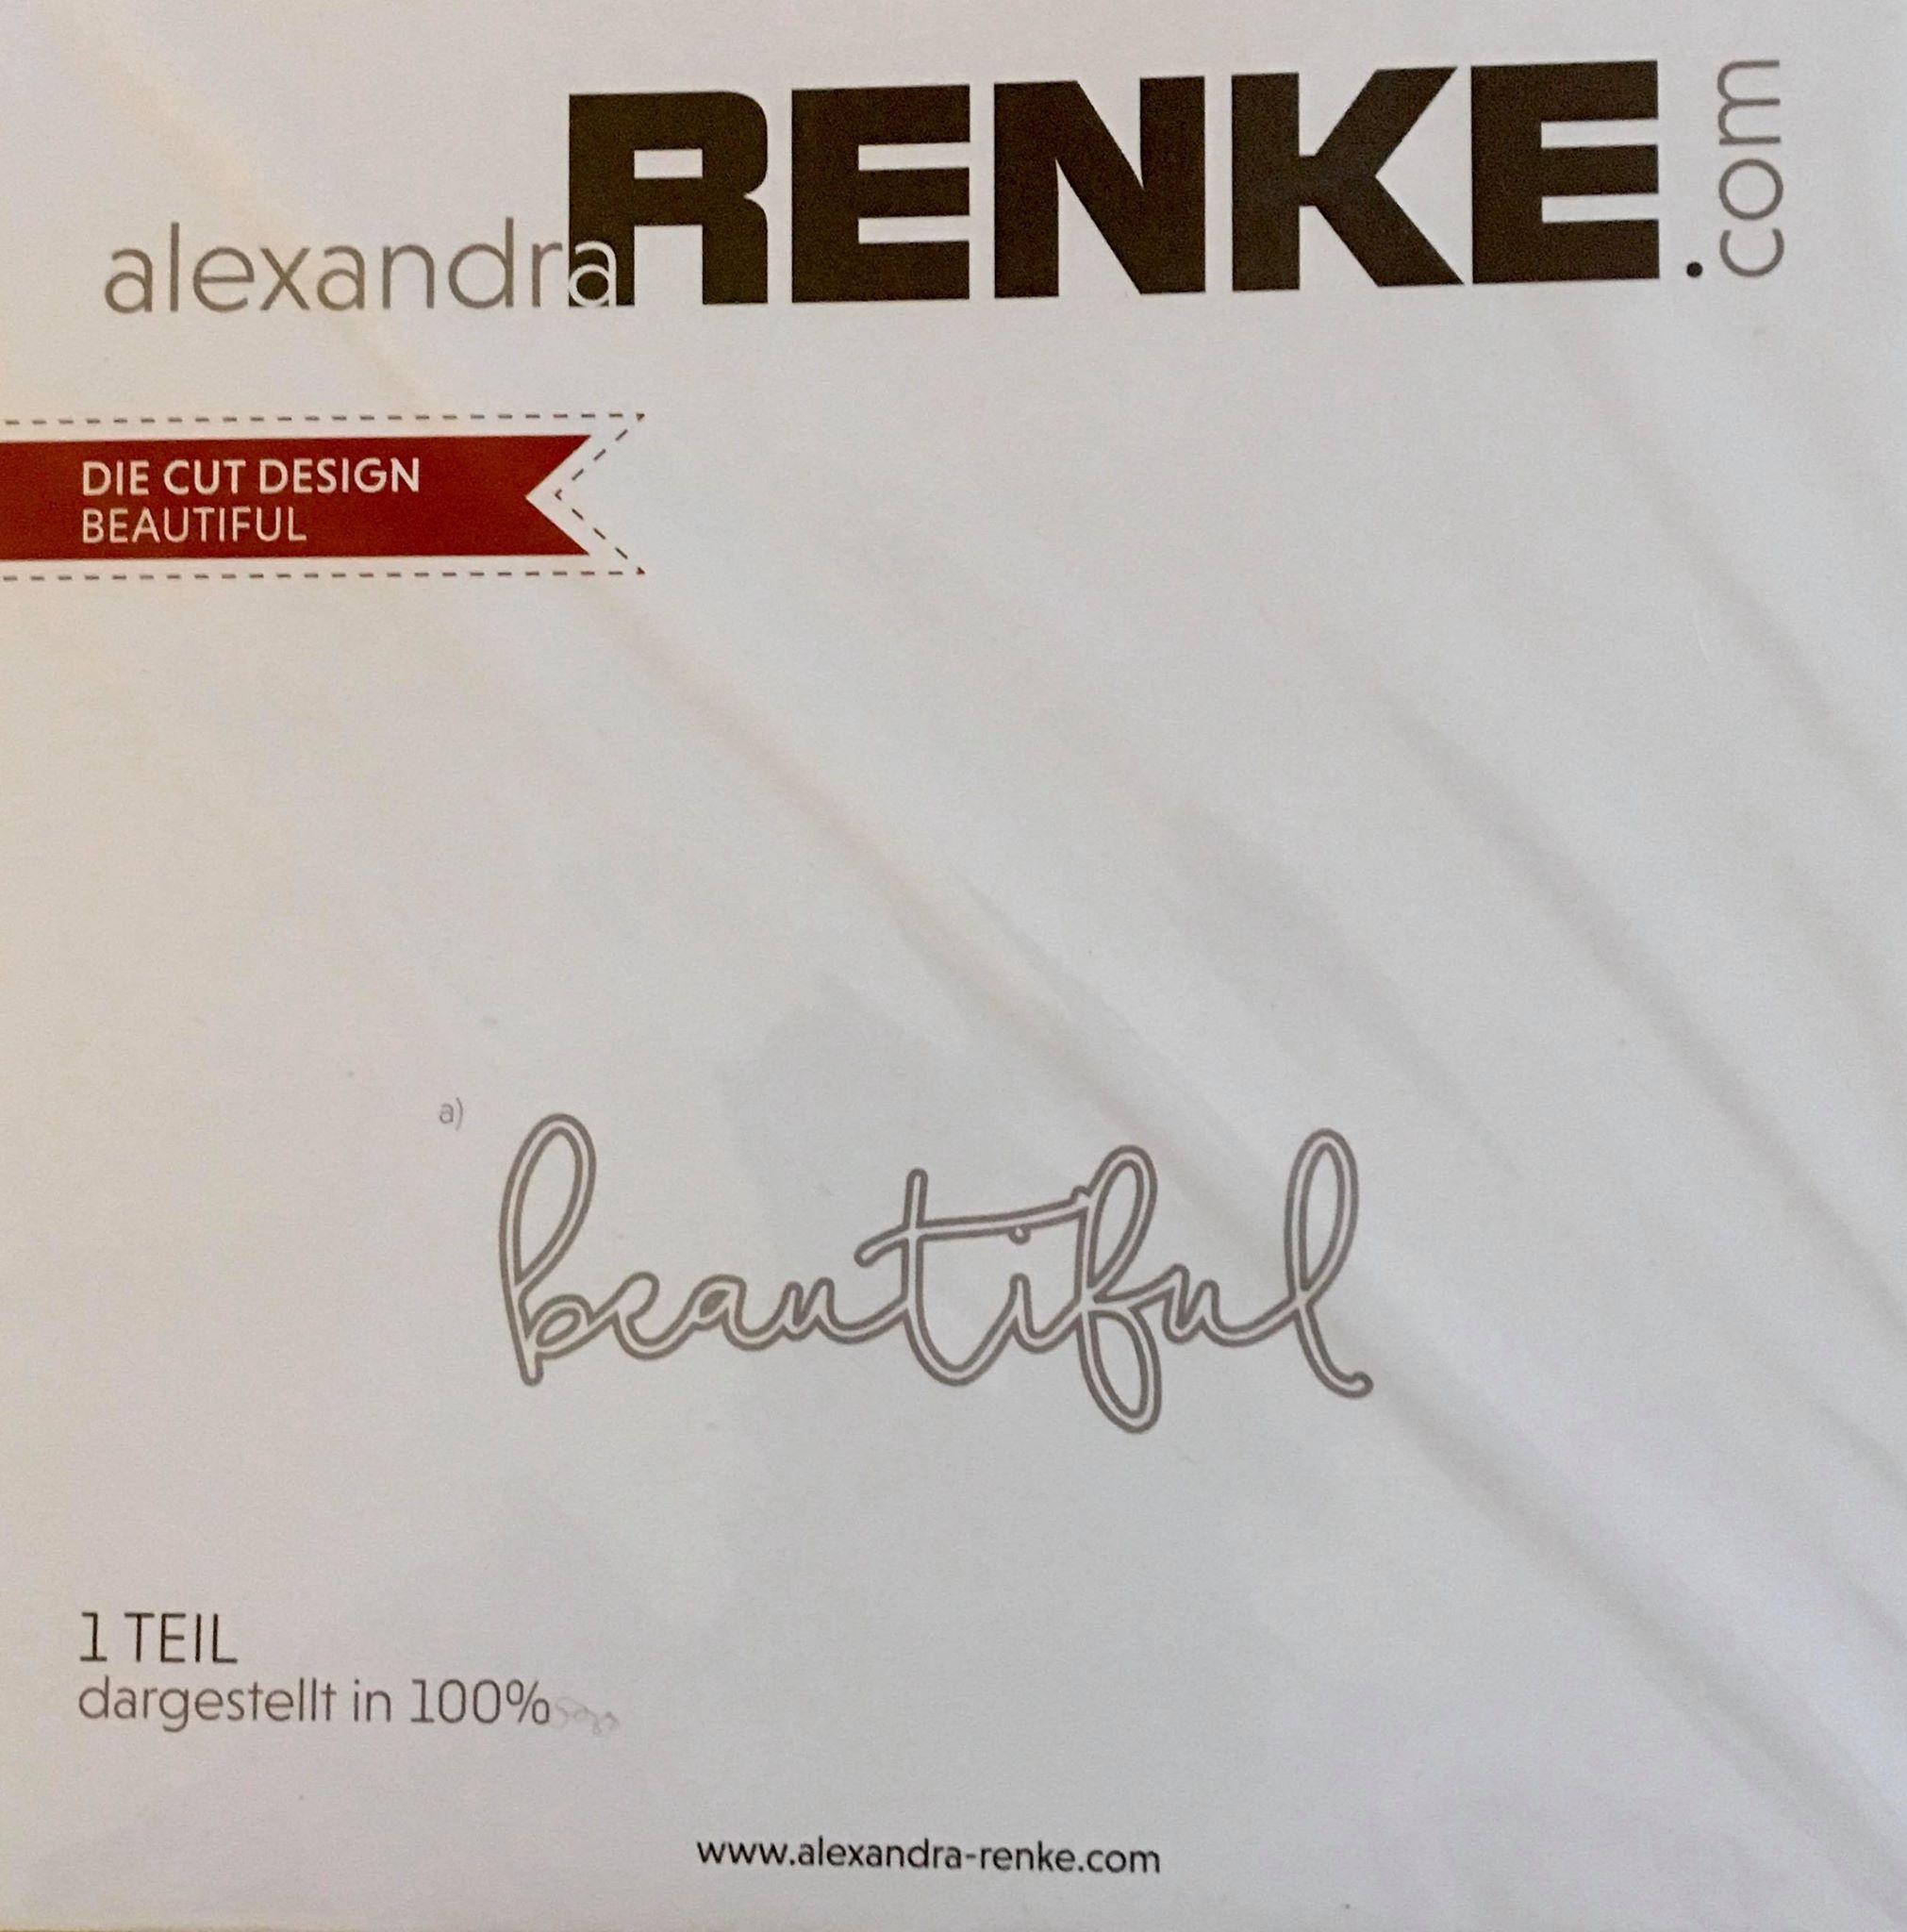 Alexandra Renke - Beautiful Die